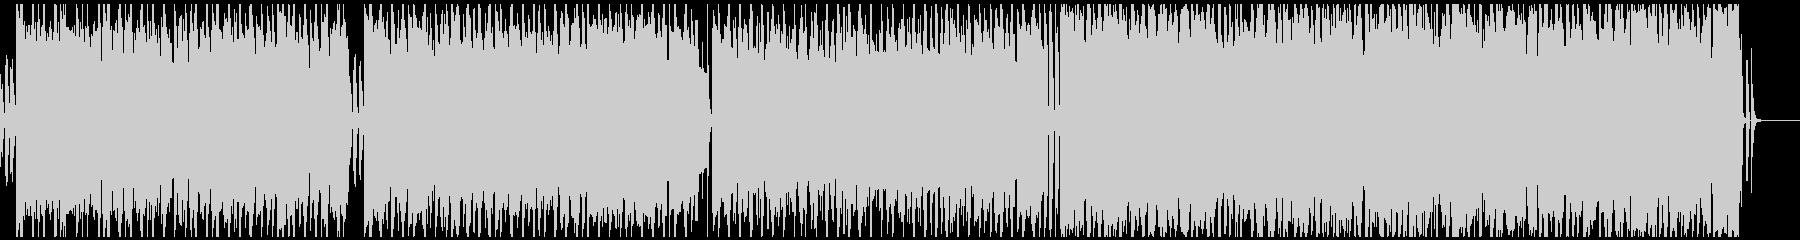 聖者の行進 ほのぼの・ウクレレ・手拍子の未再生の波形